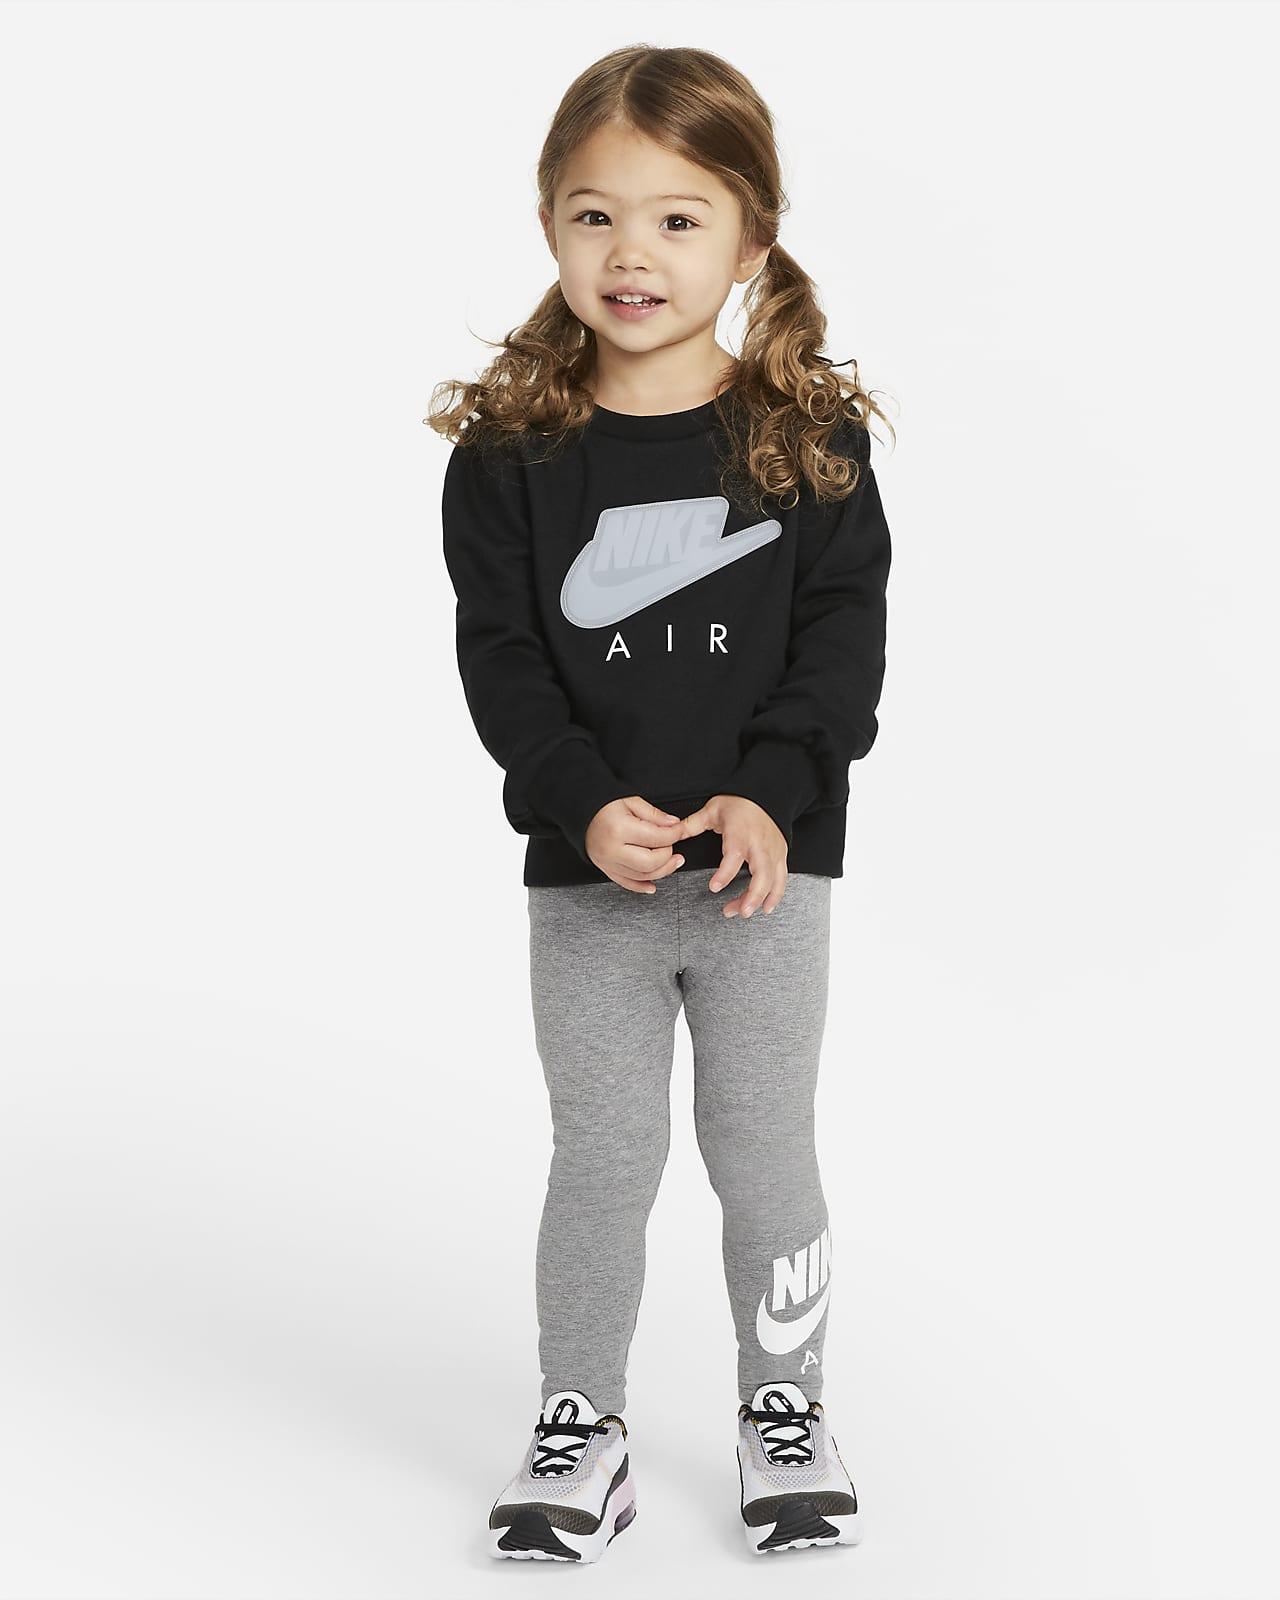 Completo leggings e maglia a girocollo Nike Air - Bimbi piccoli